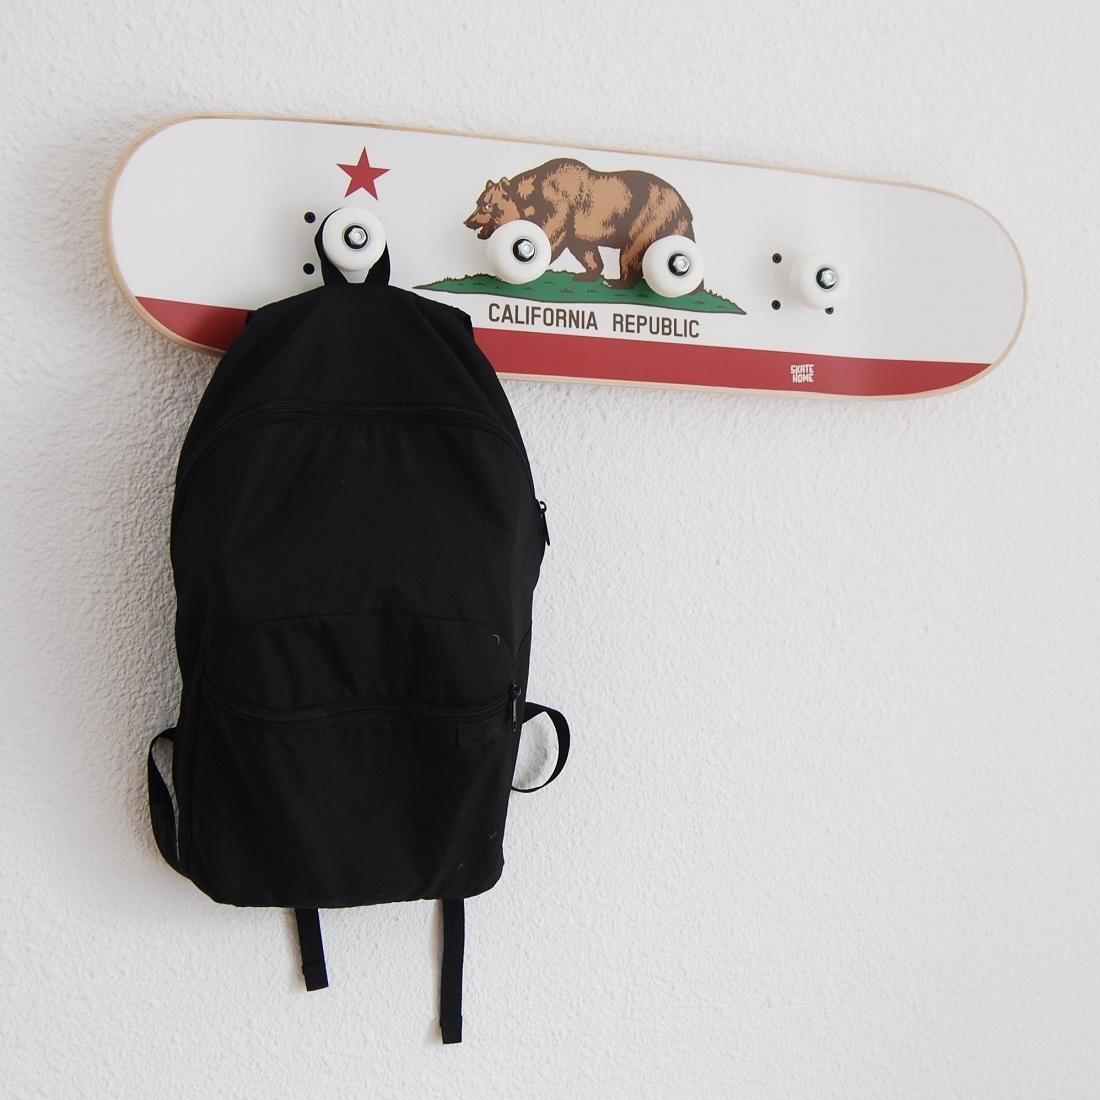 drapeau californie porte manteau pour adolescents salle th me skate. Black Bedroom Furniture Sets. Home Design Ideas